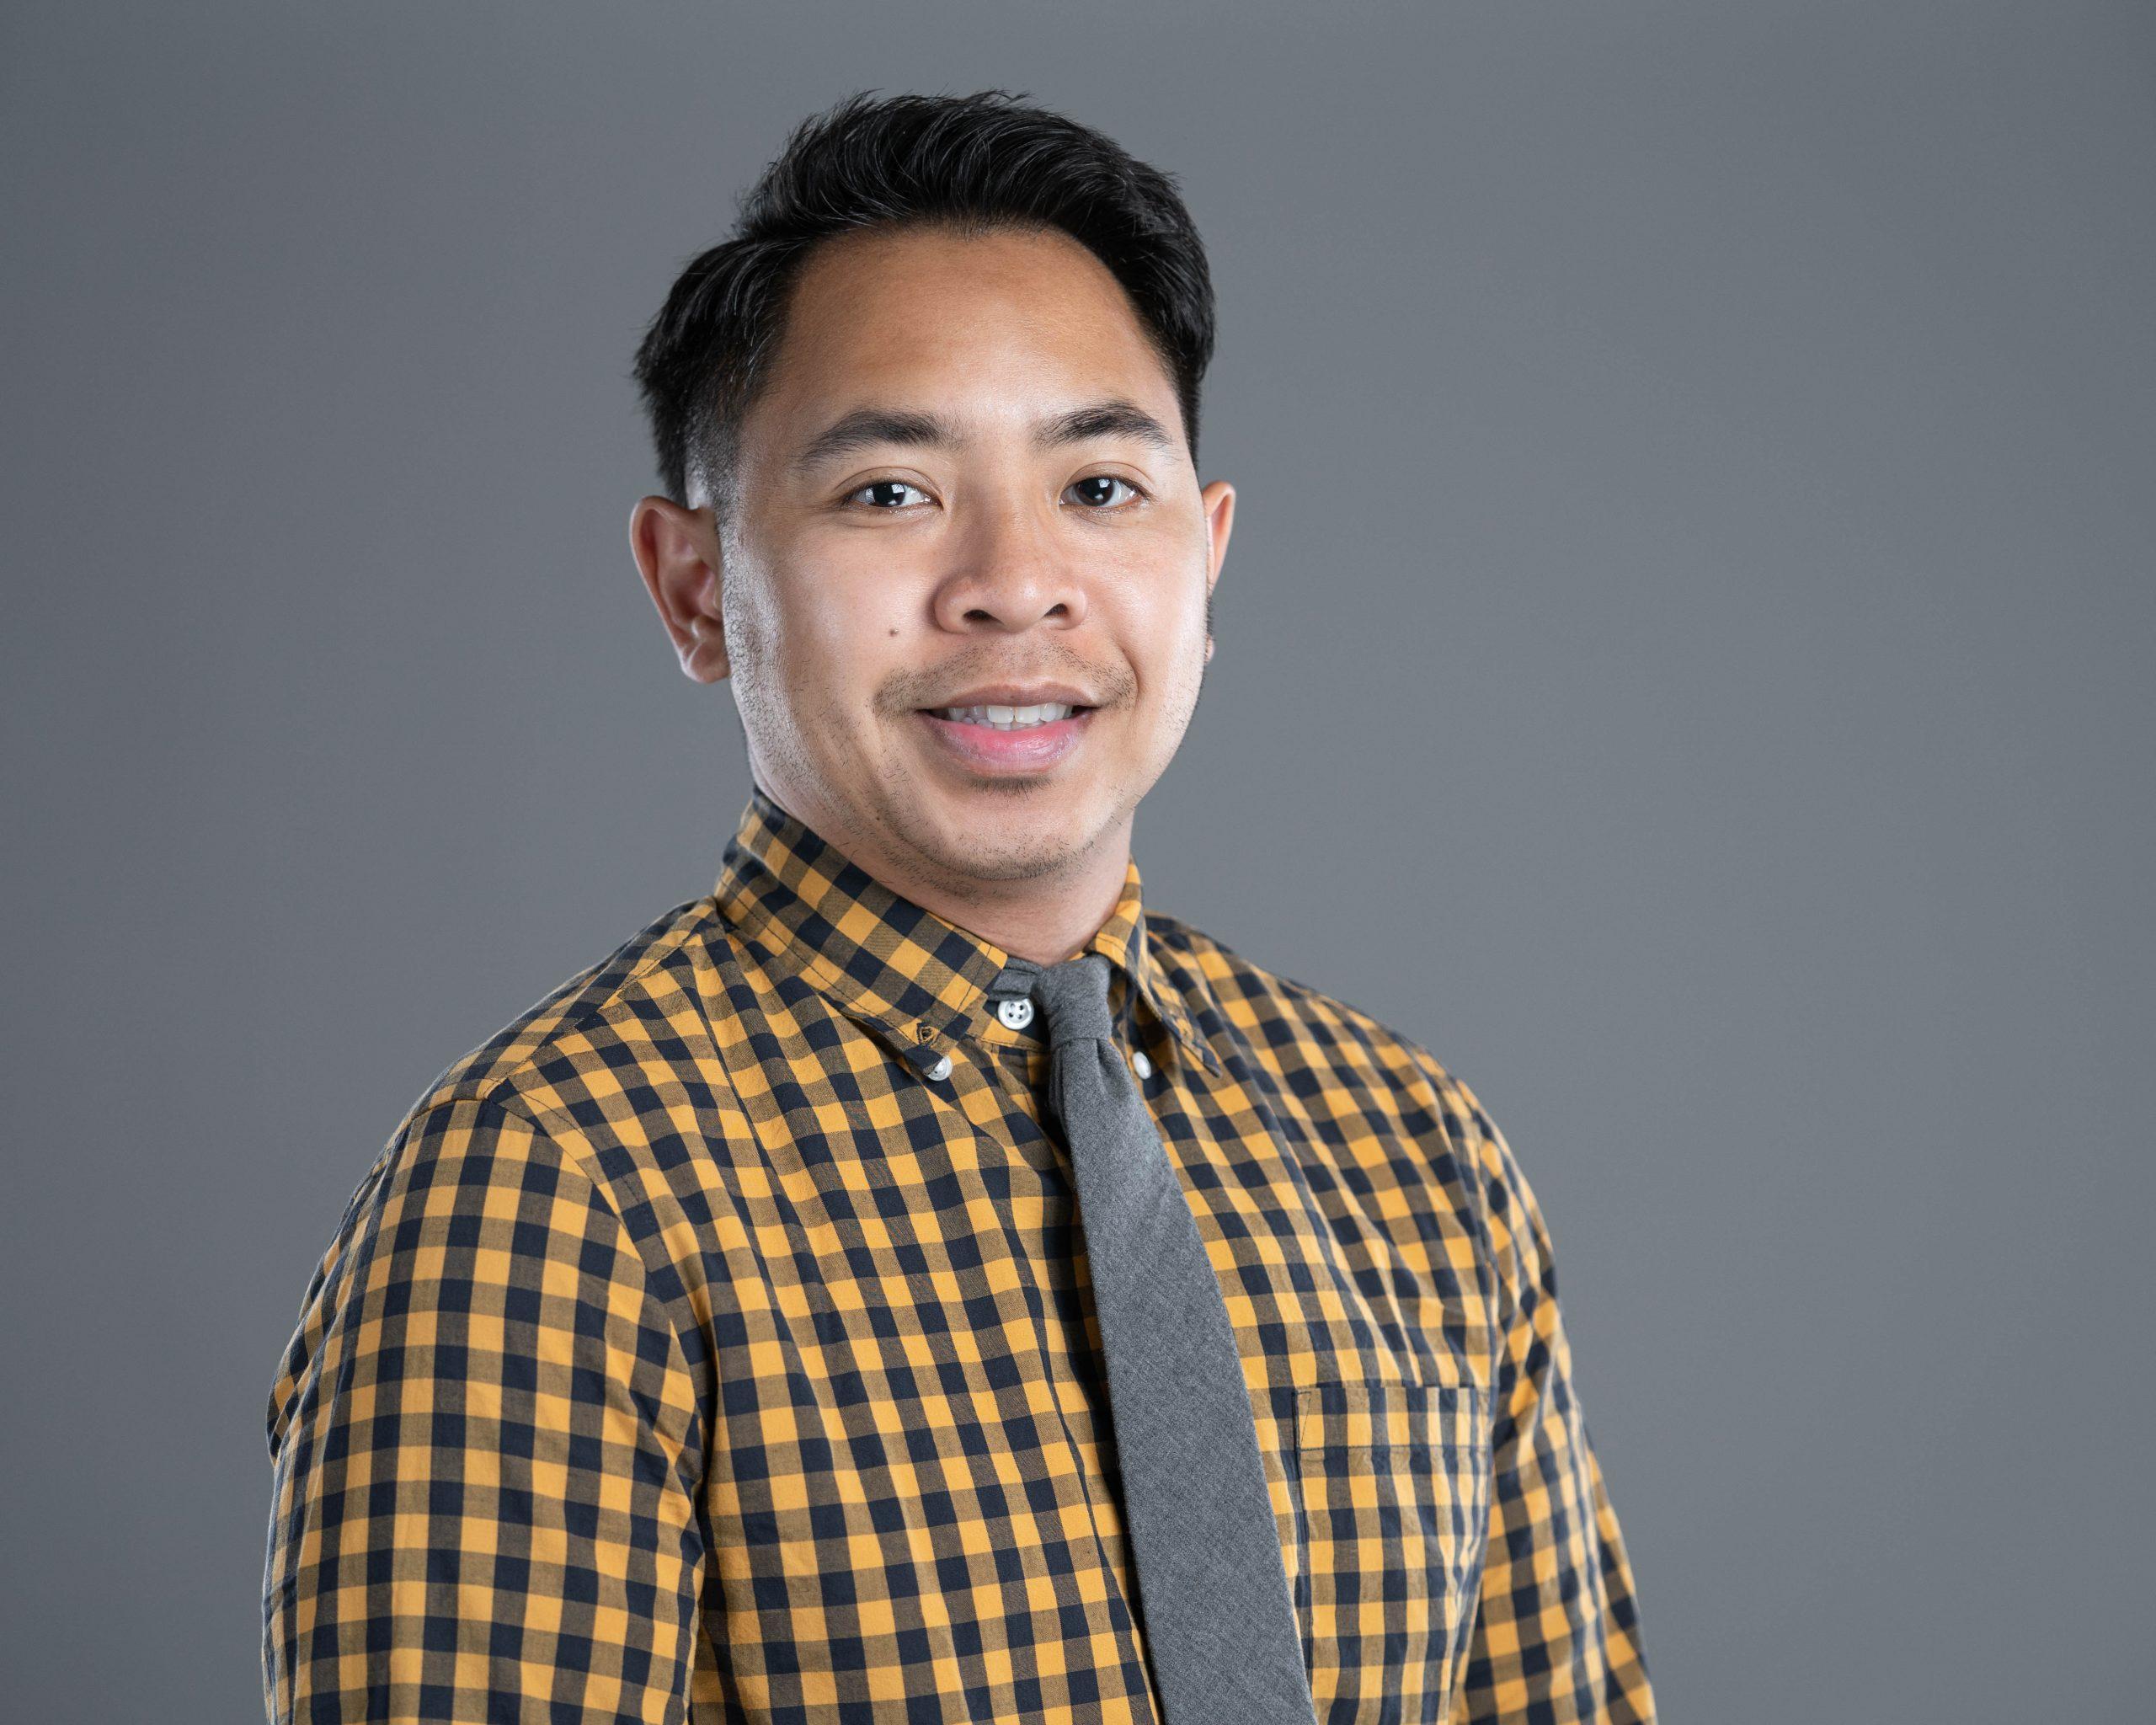 Tony Thoummavong